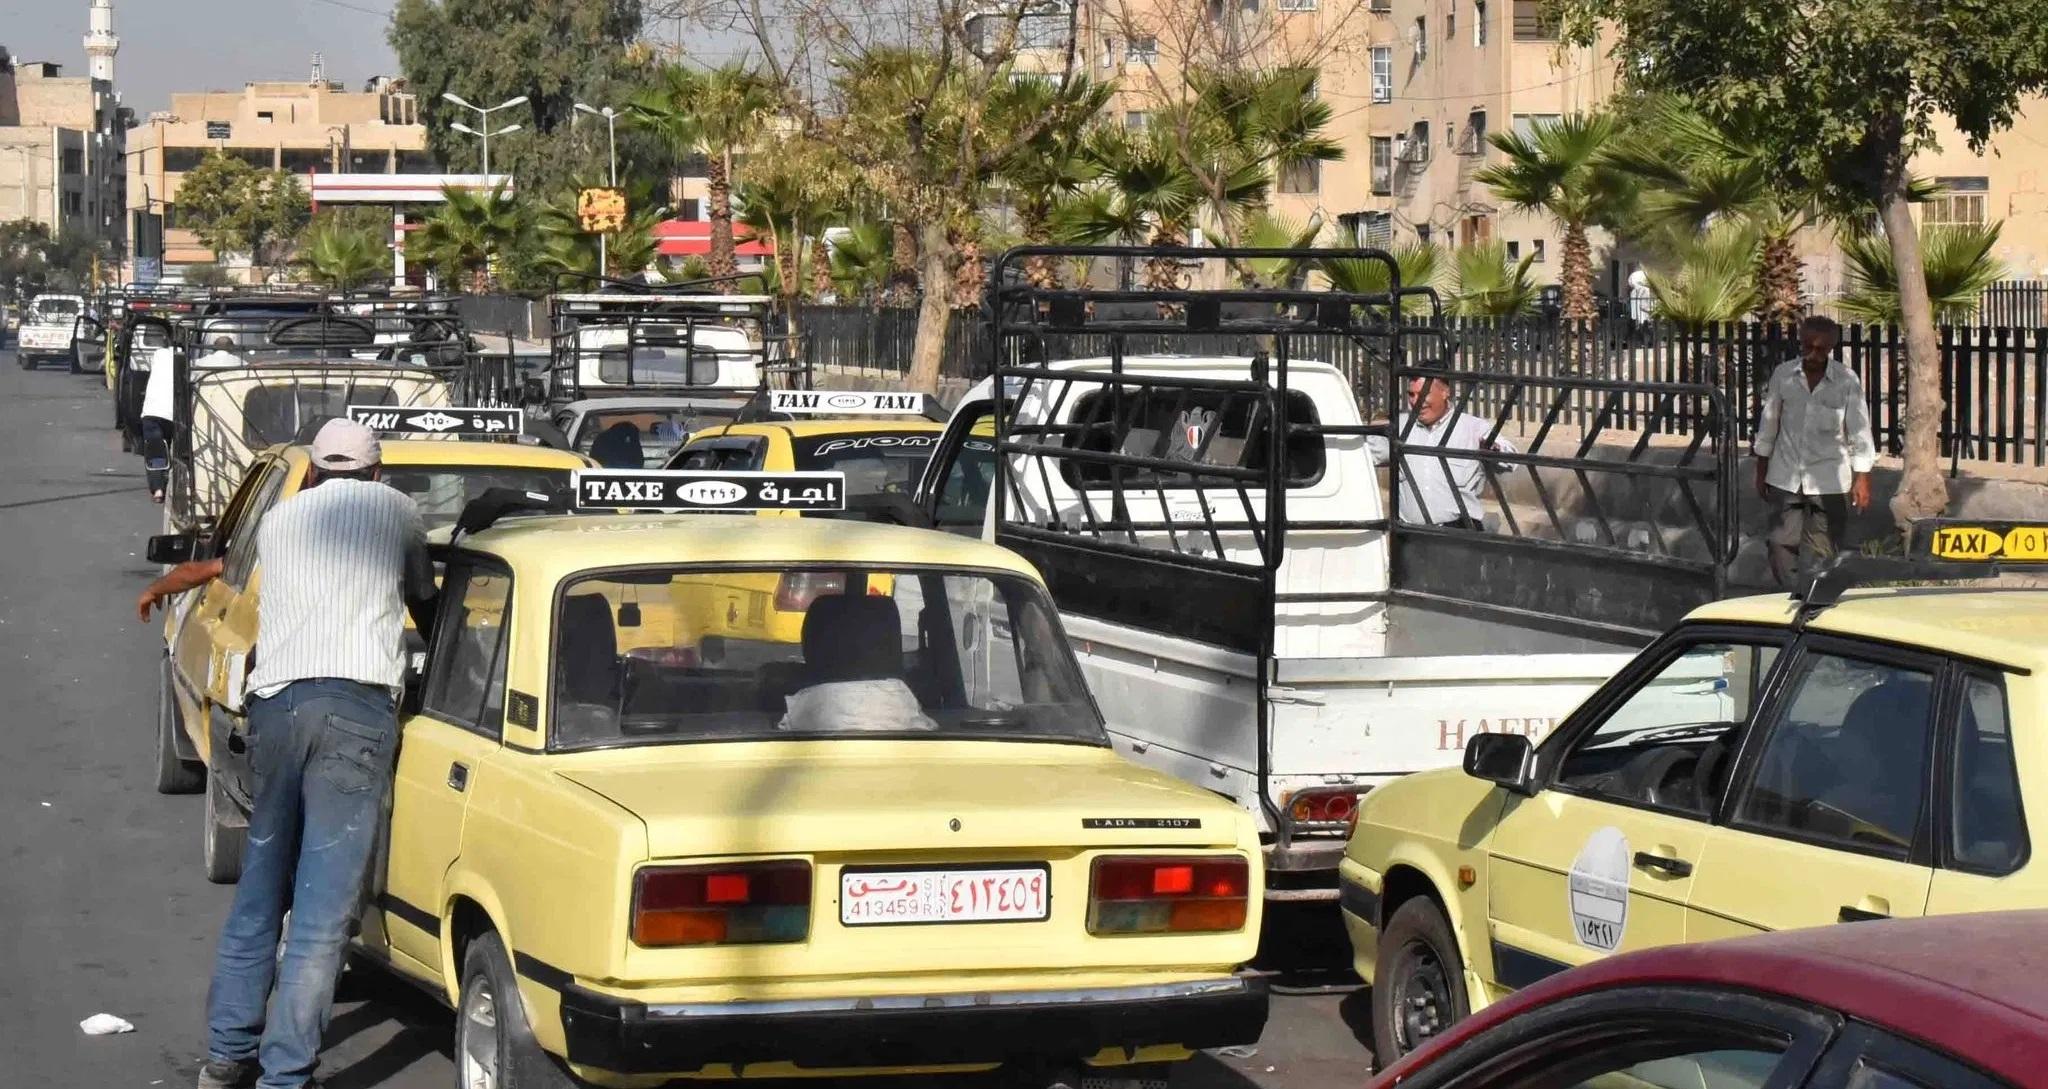 الحكومة السورية تبرر أزمة المحروقات بإغلاق قناة السويس والسوريون يعلقون على الخبر